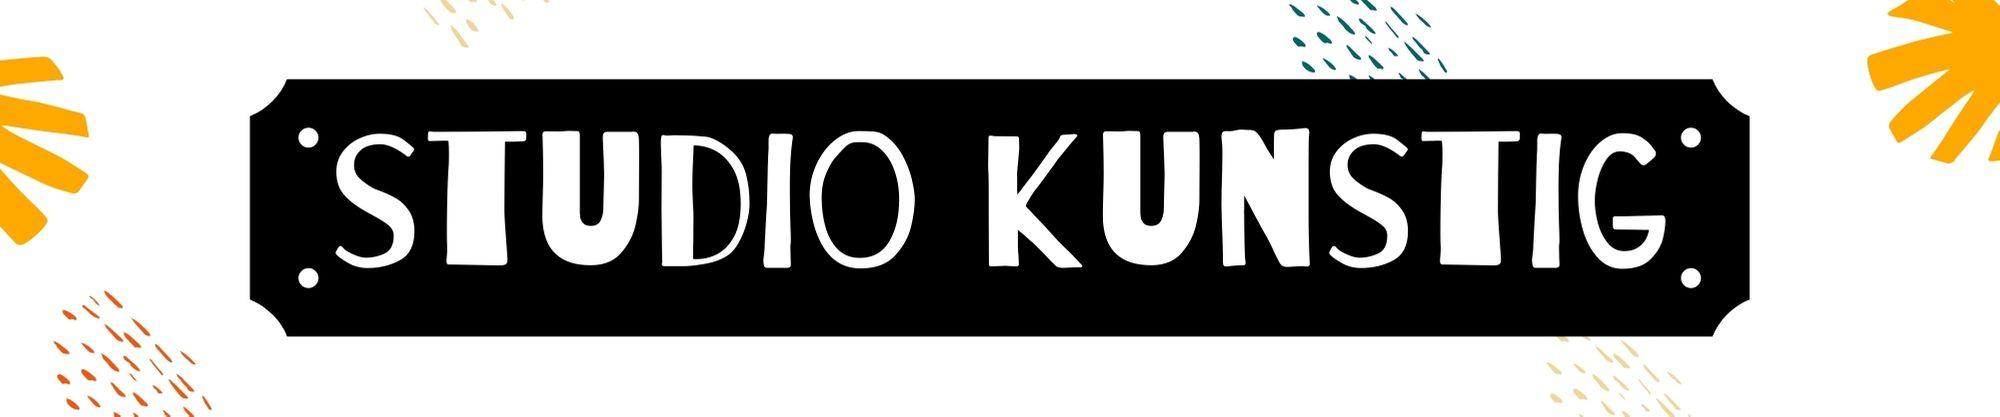 header van zwart bordje met witte letters studio kunstig